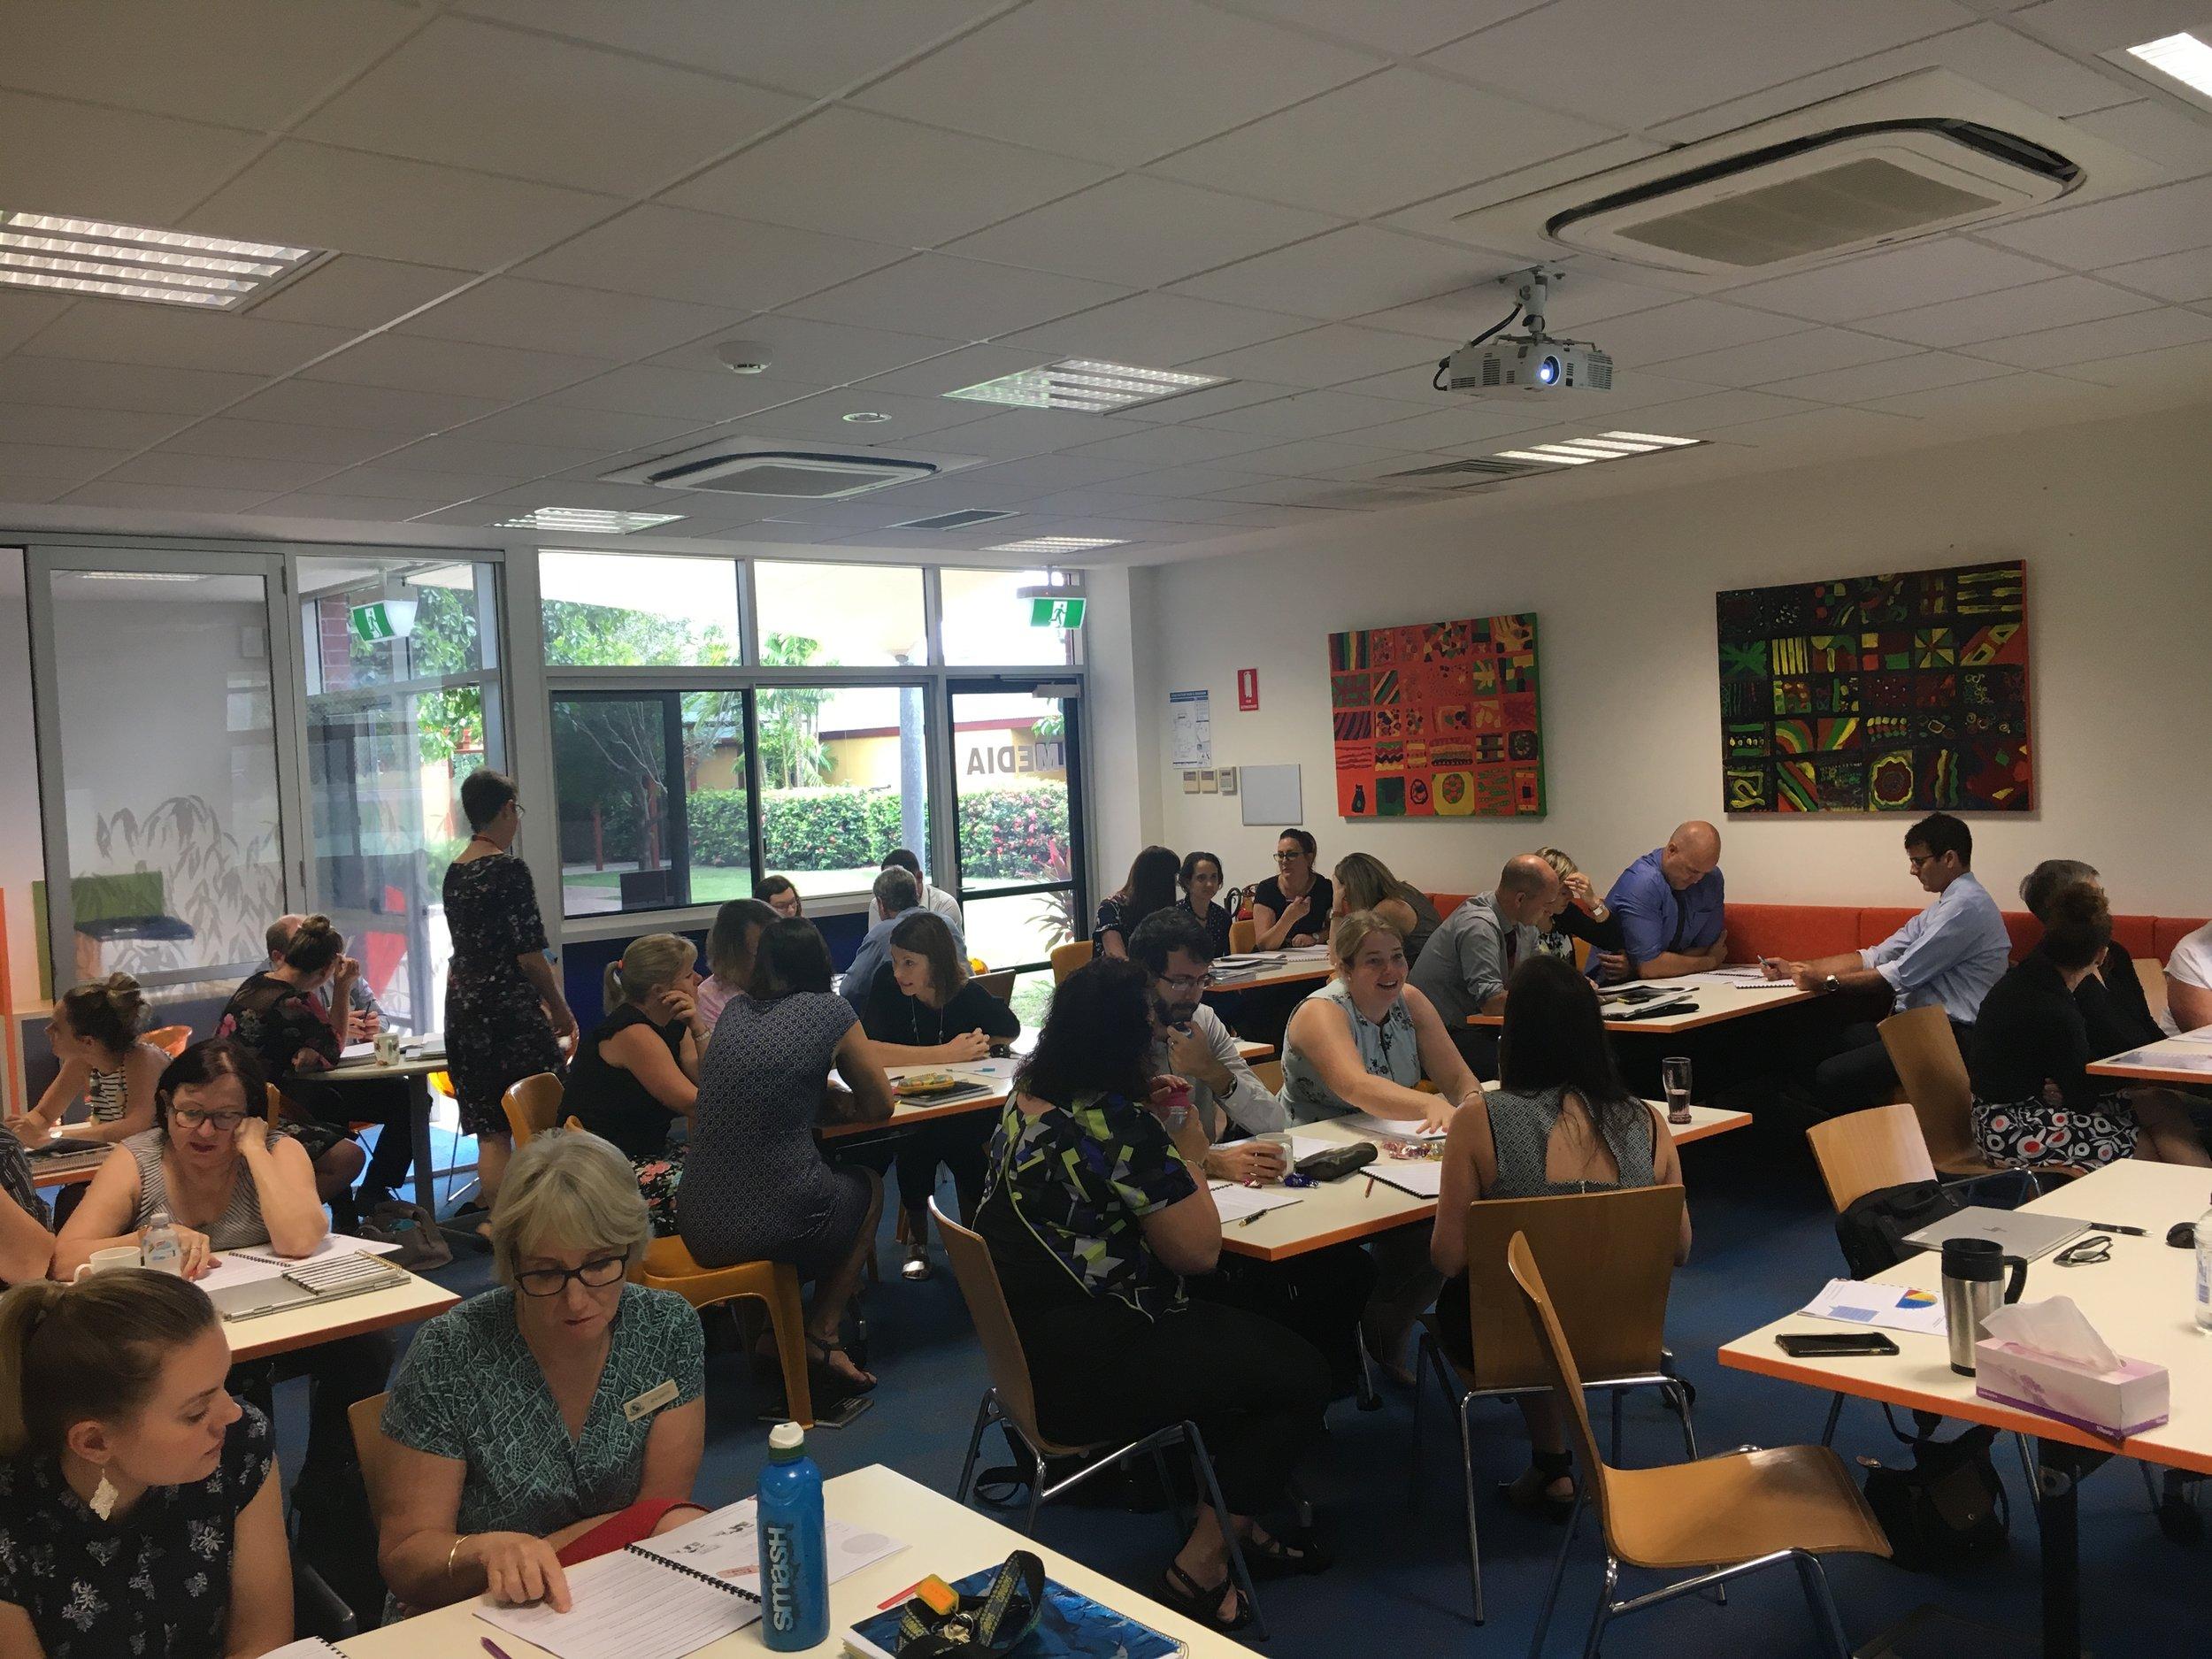 Townsville Grammar School Pupil Free Day - Effective Pedagogy Workshop